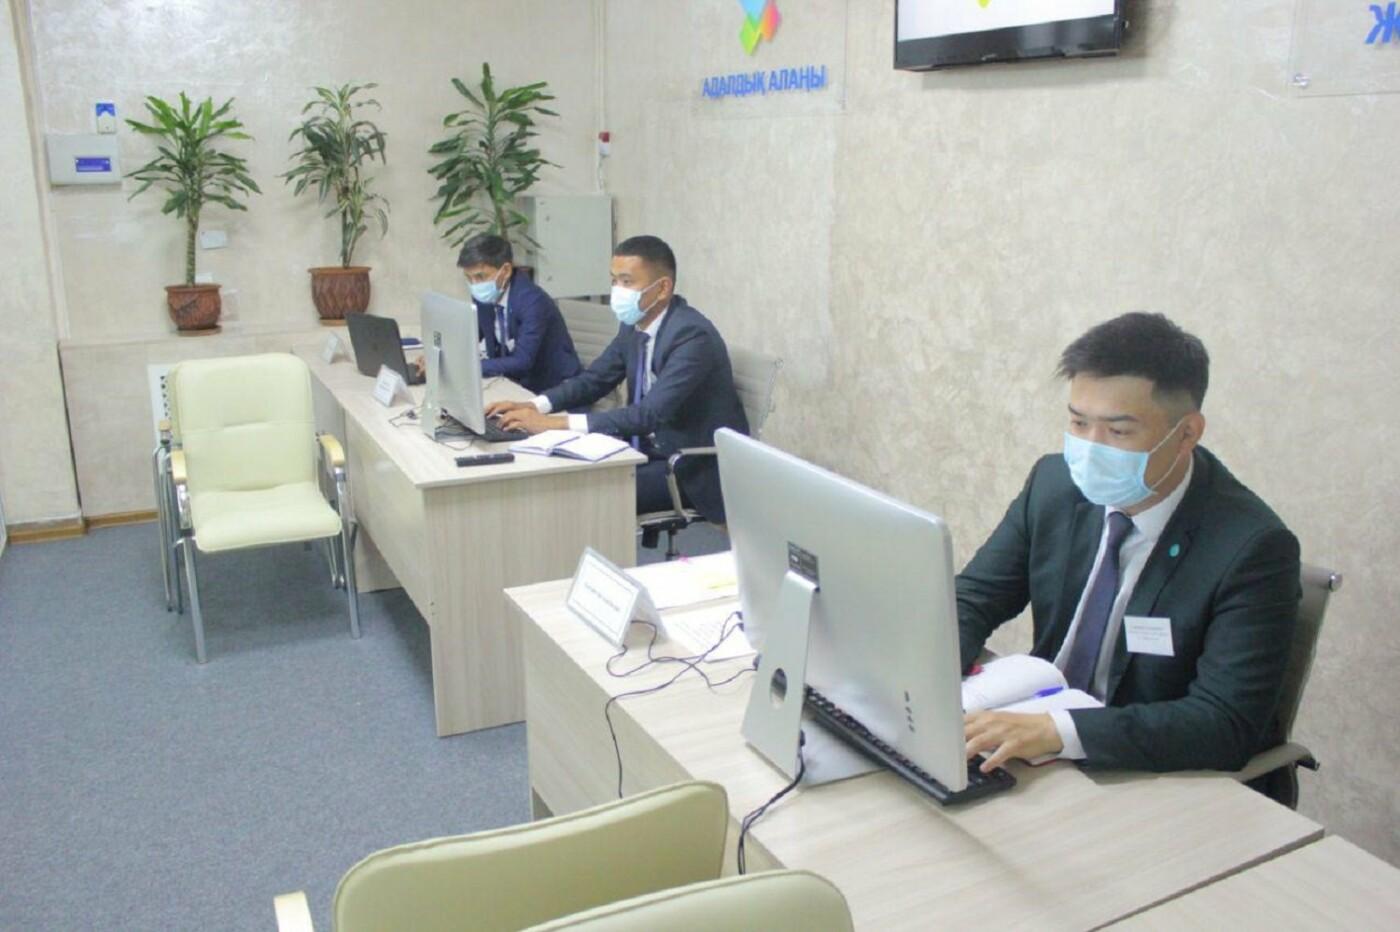 В Жетысуском районе Алматы открылся новый офис сервисного акимата, фото-6